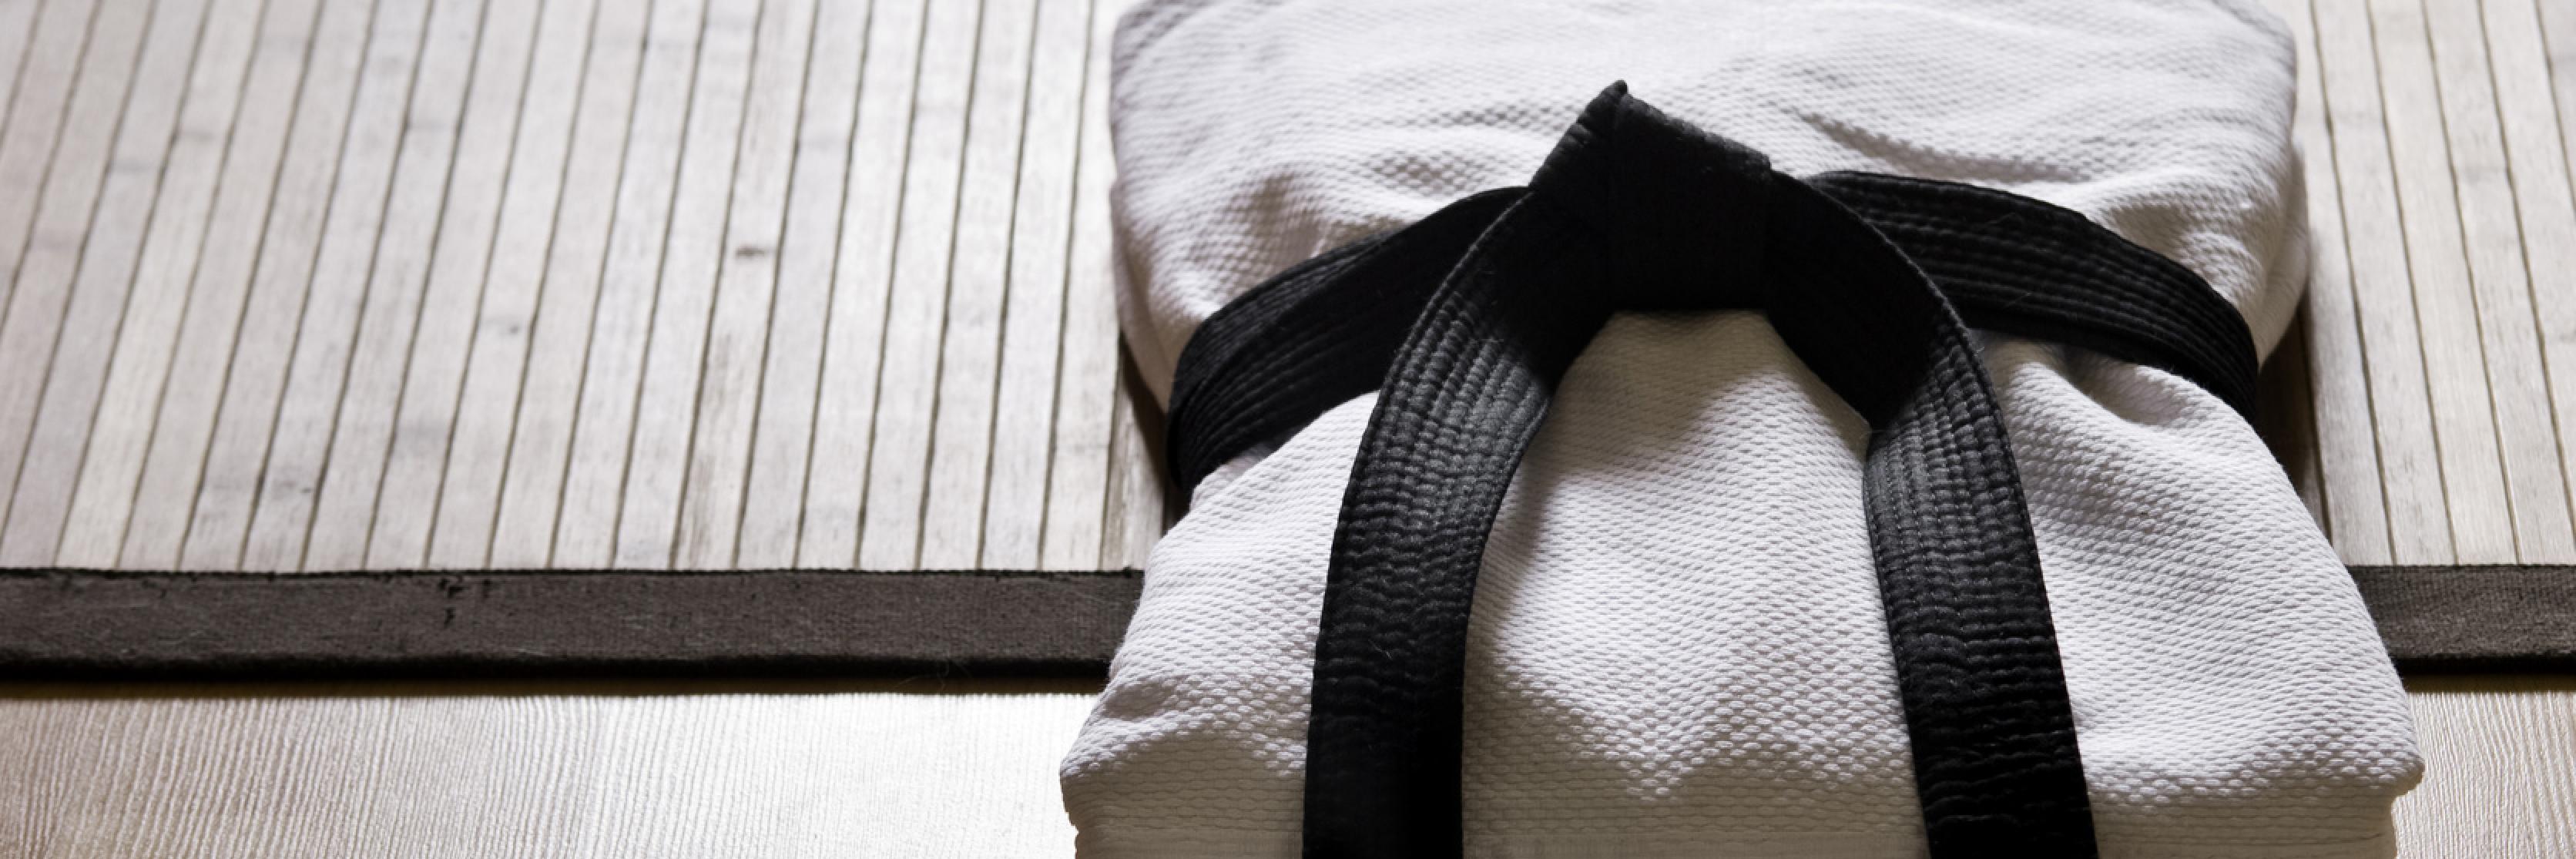 Karate ab 5 Jahre, Einsteiger